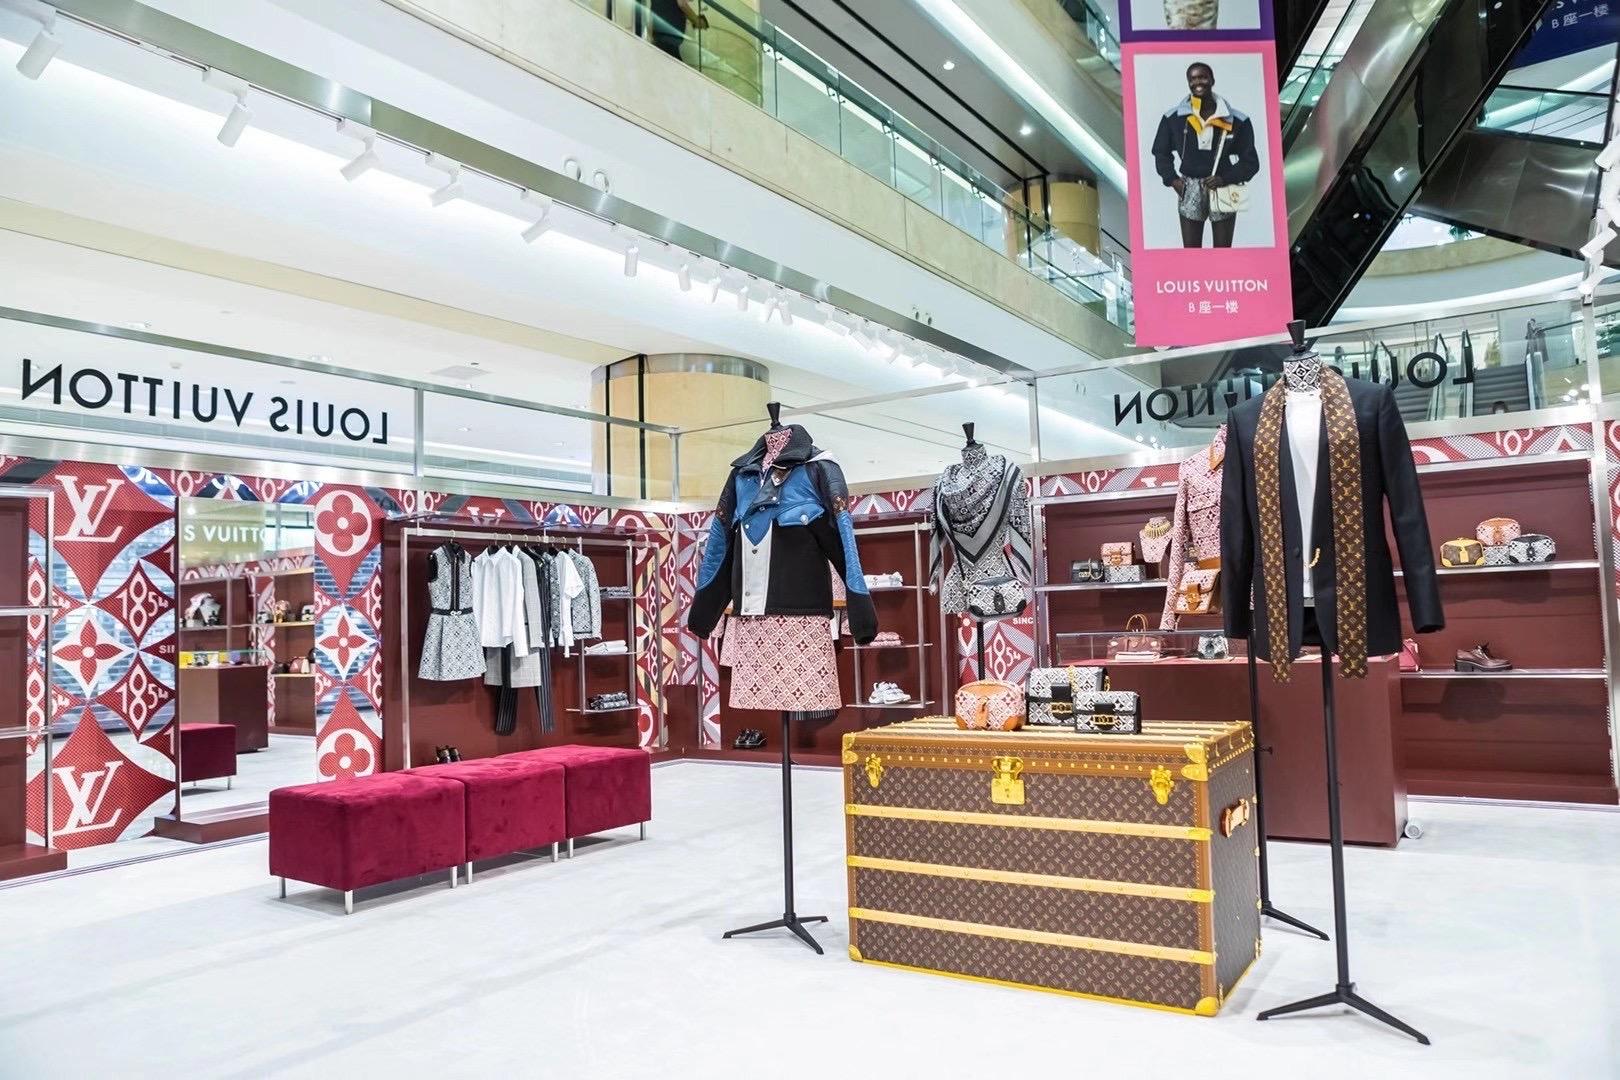 Louis Vuitton 1854 Pop Up Sep15th – Oct 30th Wuhan/ Nanjing/Beijing  – 4